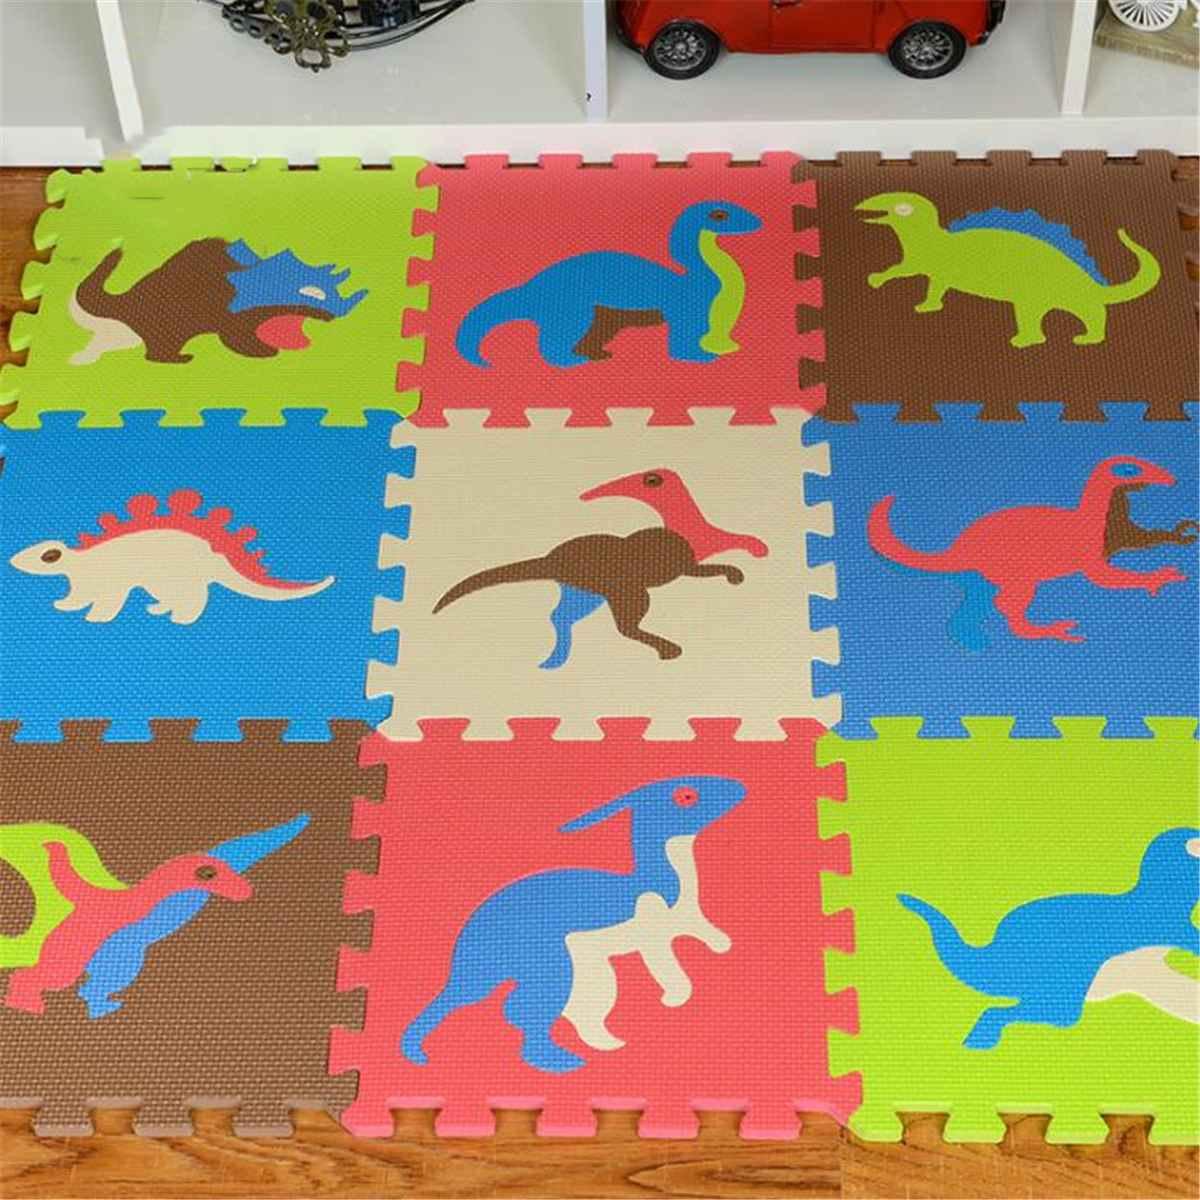 30x30cm Joint fendu EVA bébé tapis de jeu Animal mousse Puzzle enfants tapis intérieur doux Puzzle tapis pli Dino bébé tapis 9 pièces